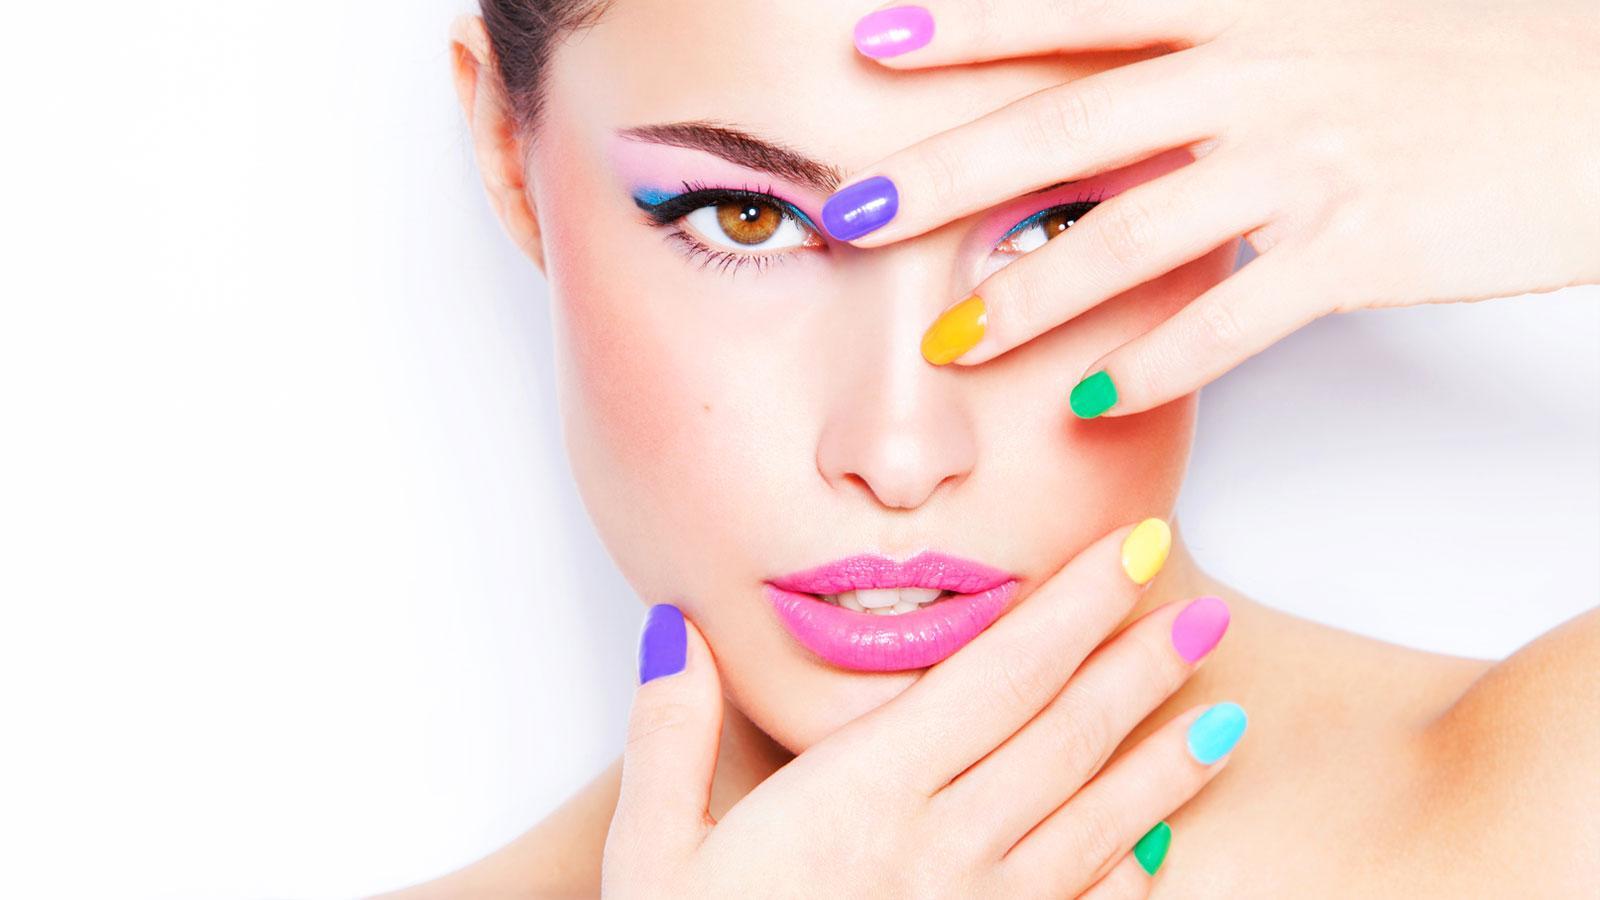 Modella con unghie colorate